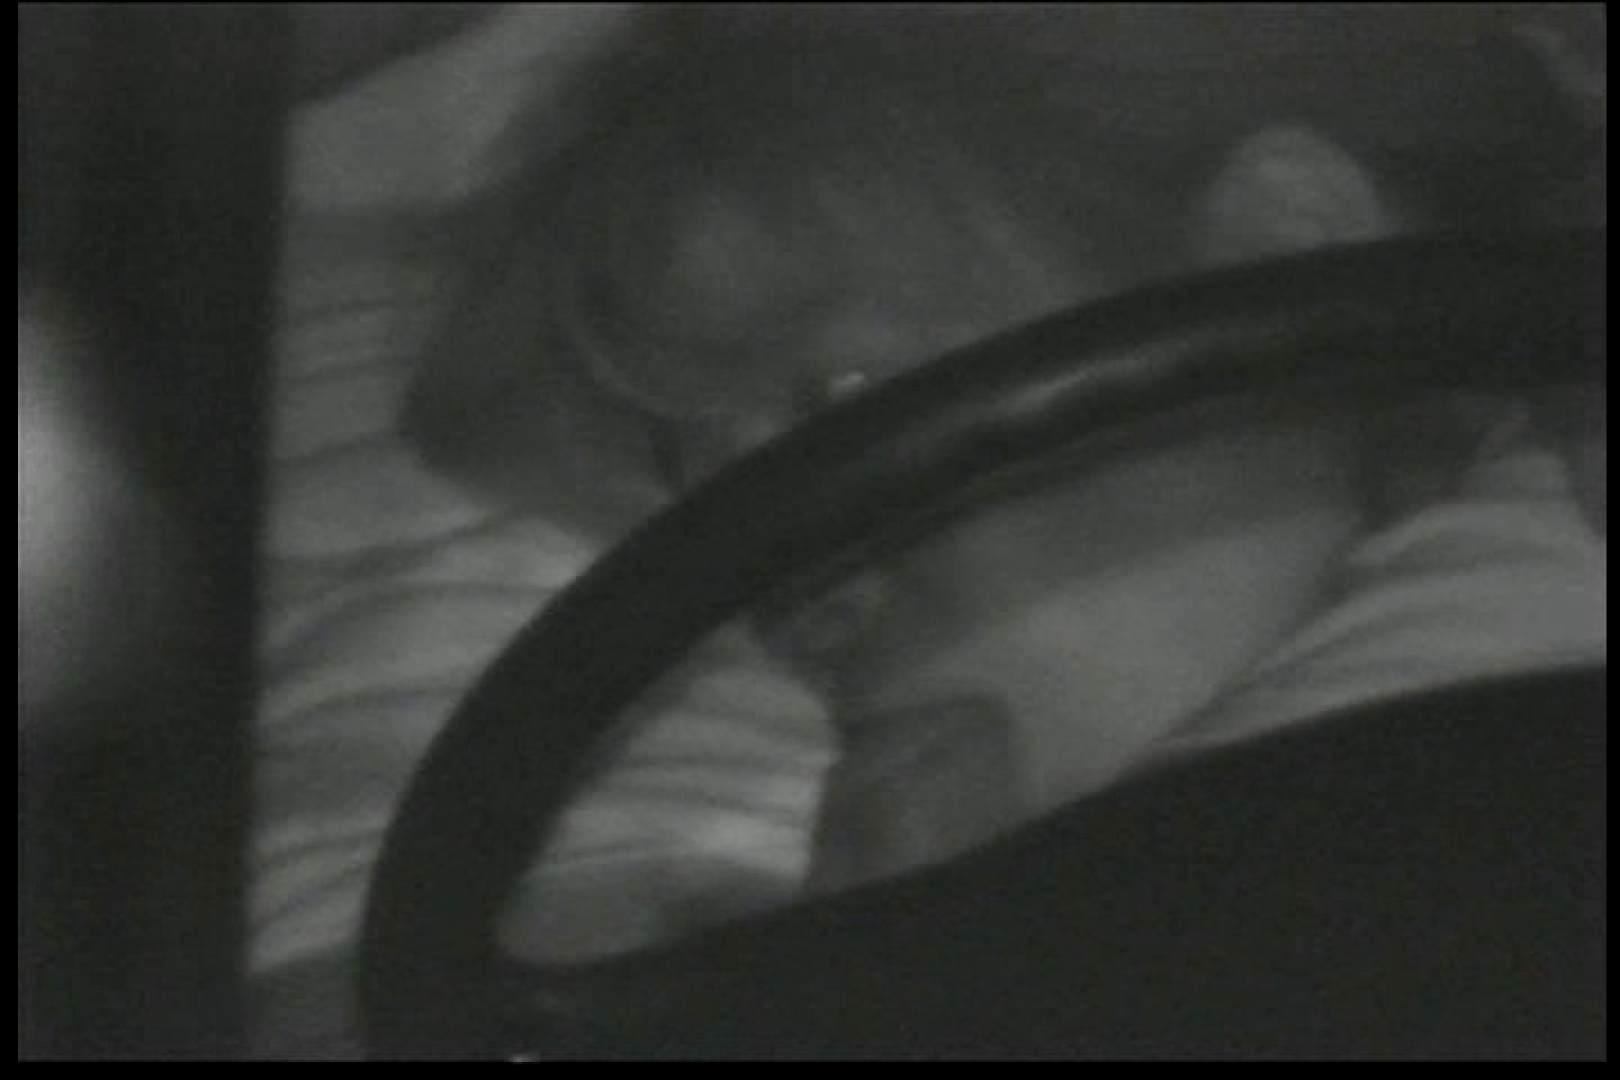 車の中はラブホテル 無修正版  Vol.12 カップル盗撮 おめこ無修正画像 93画像 45